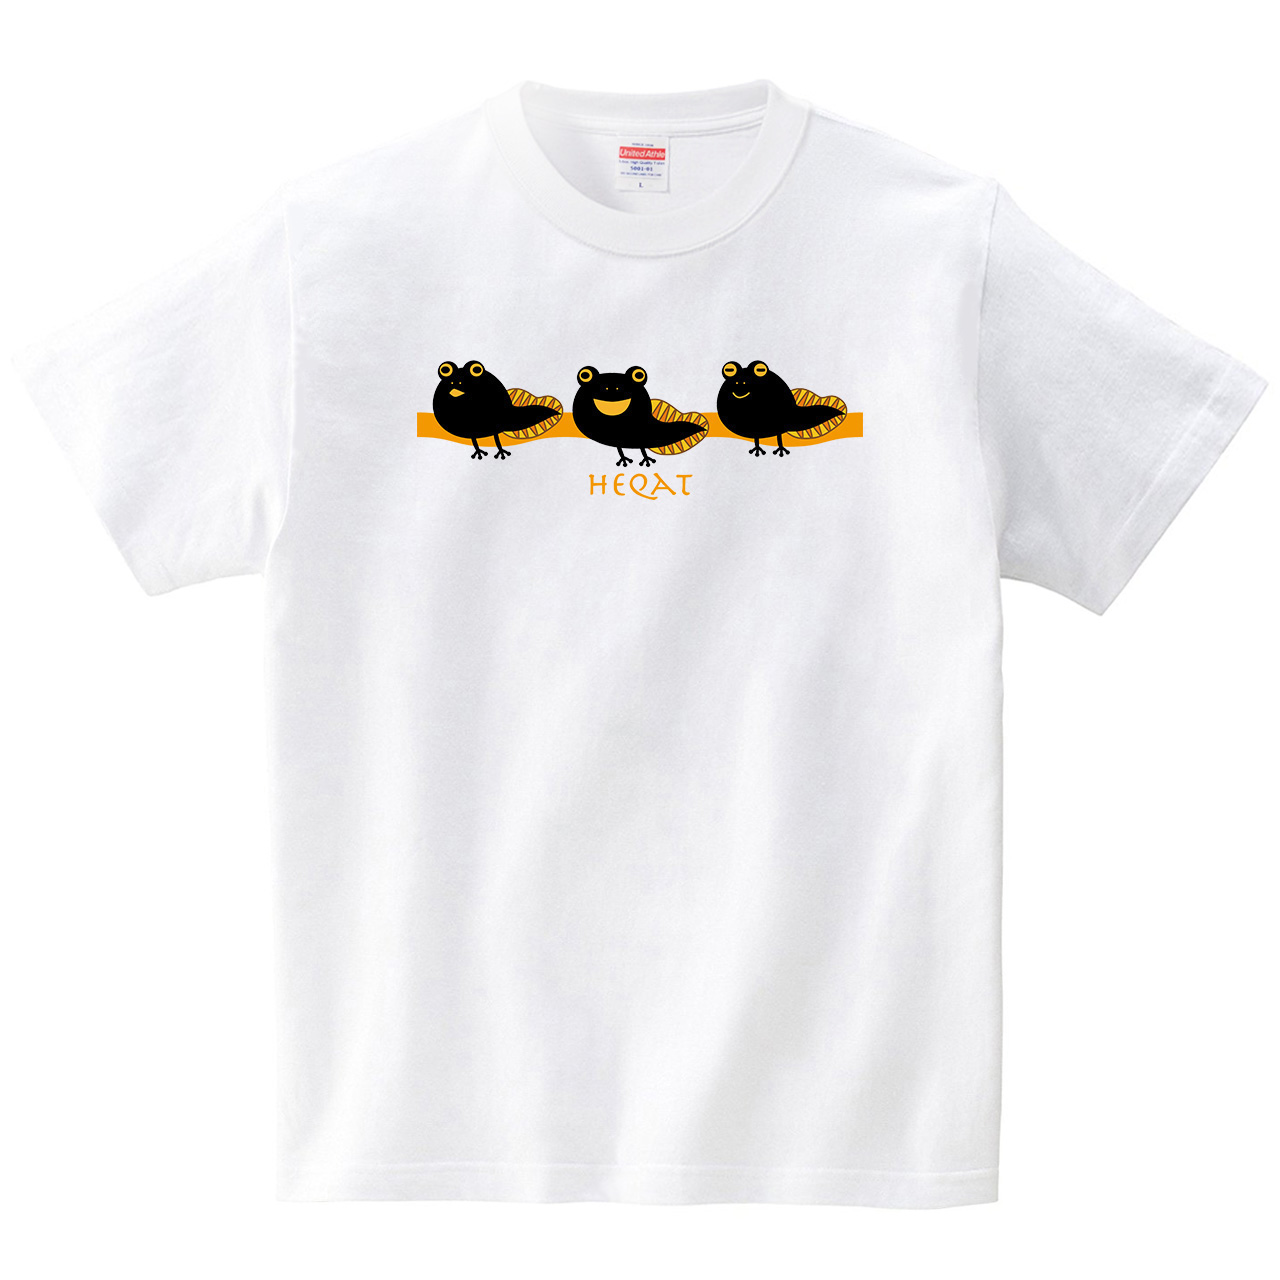 ヘカトの子ども -HEQAT-(Tシャツ・ホワイト)(梅川紀美子)